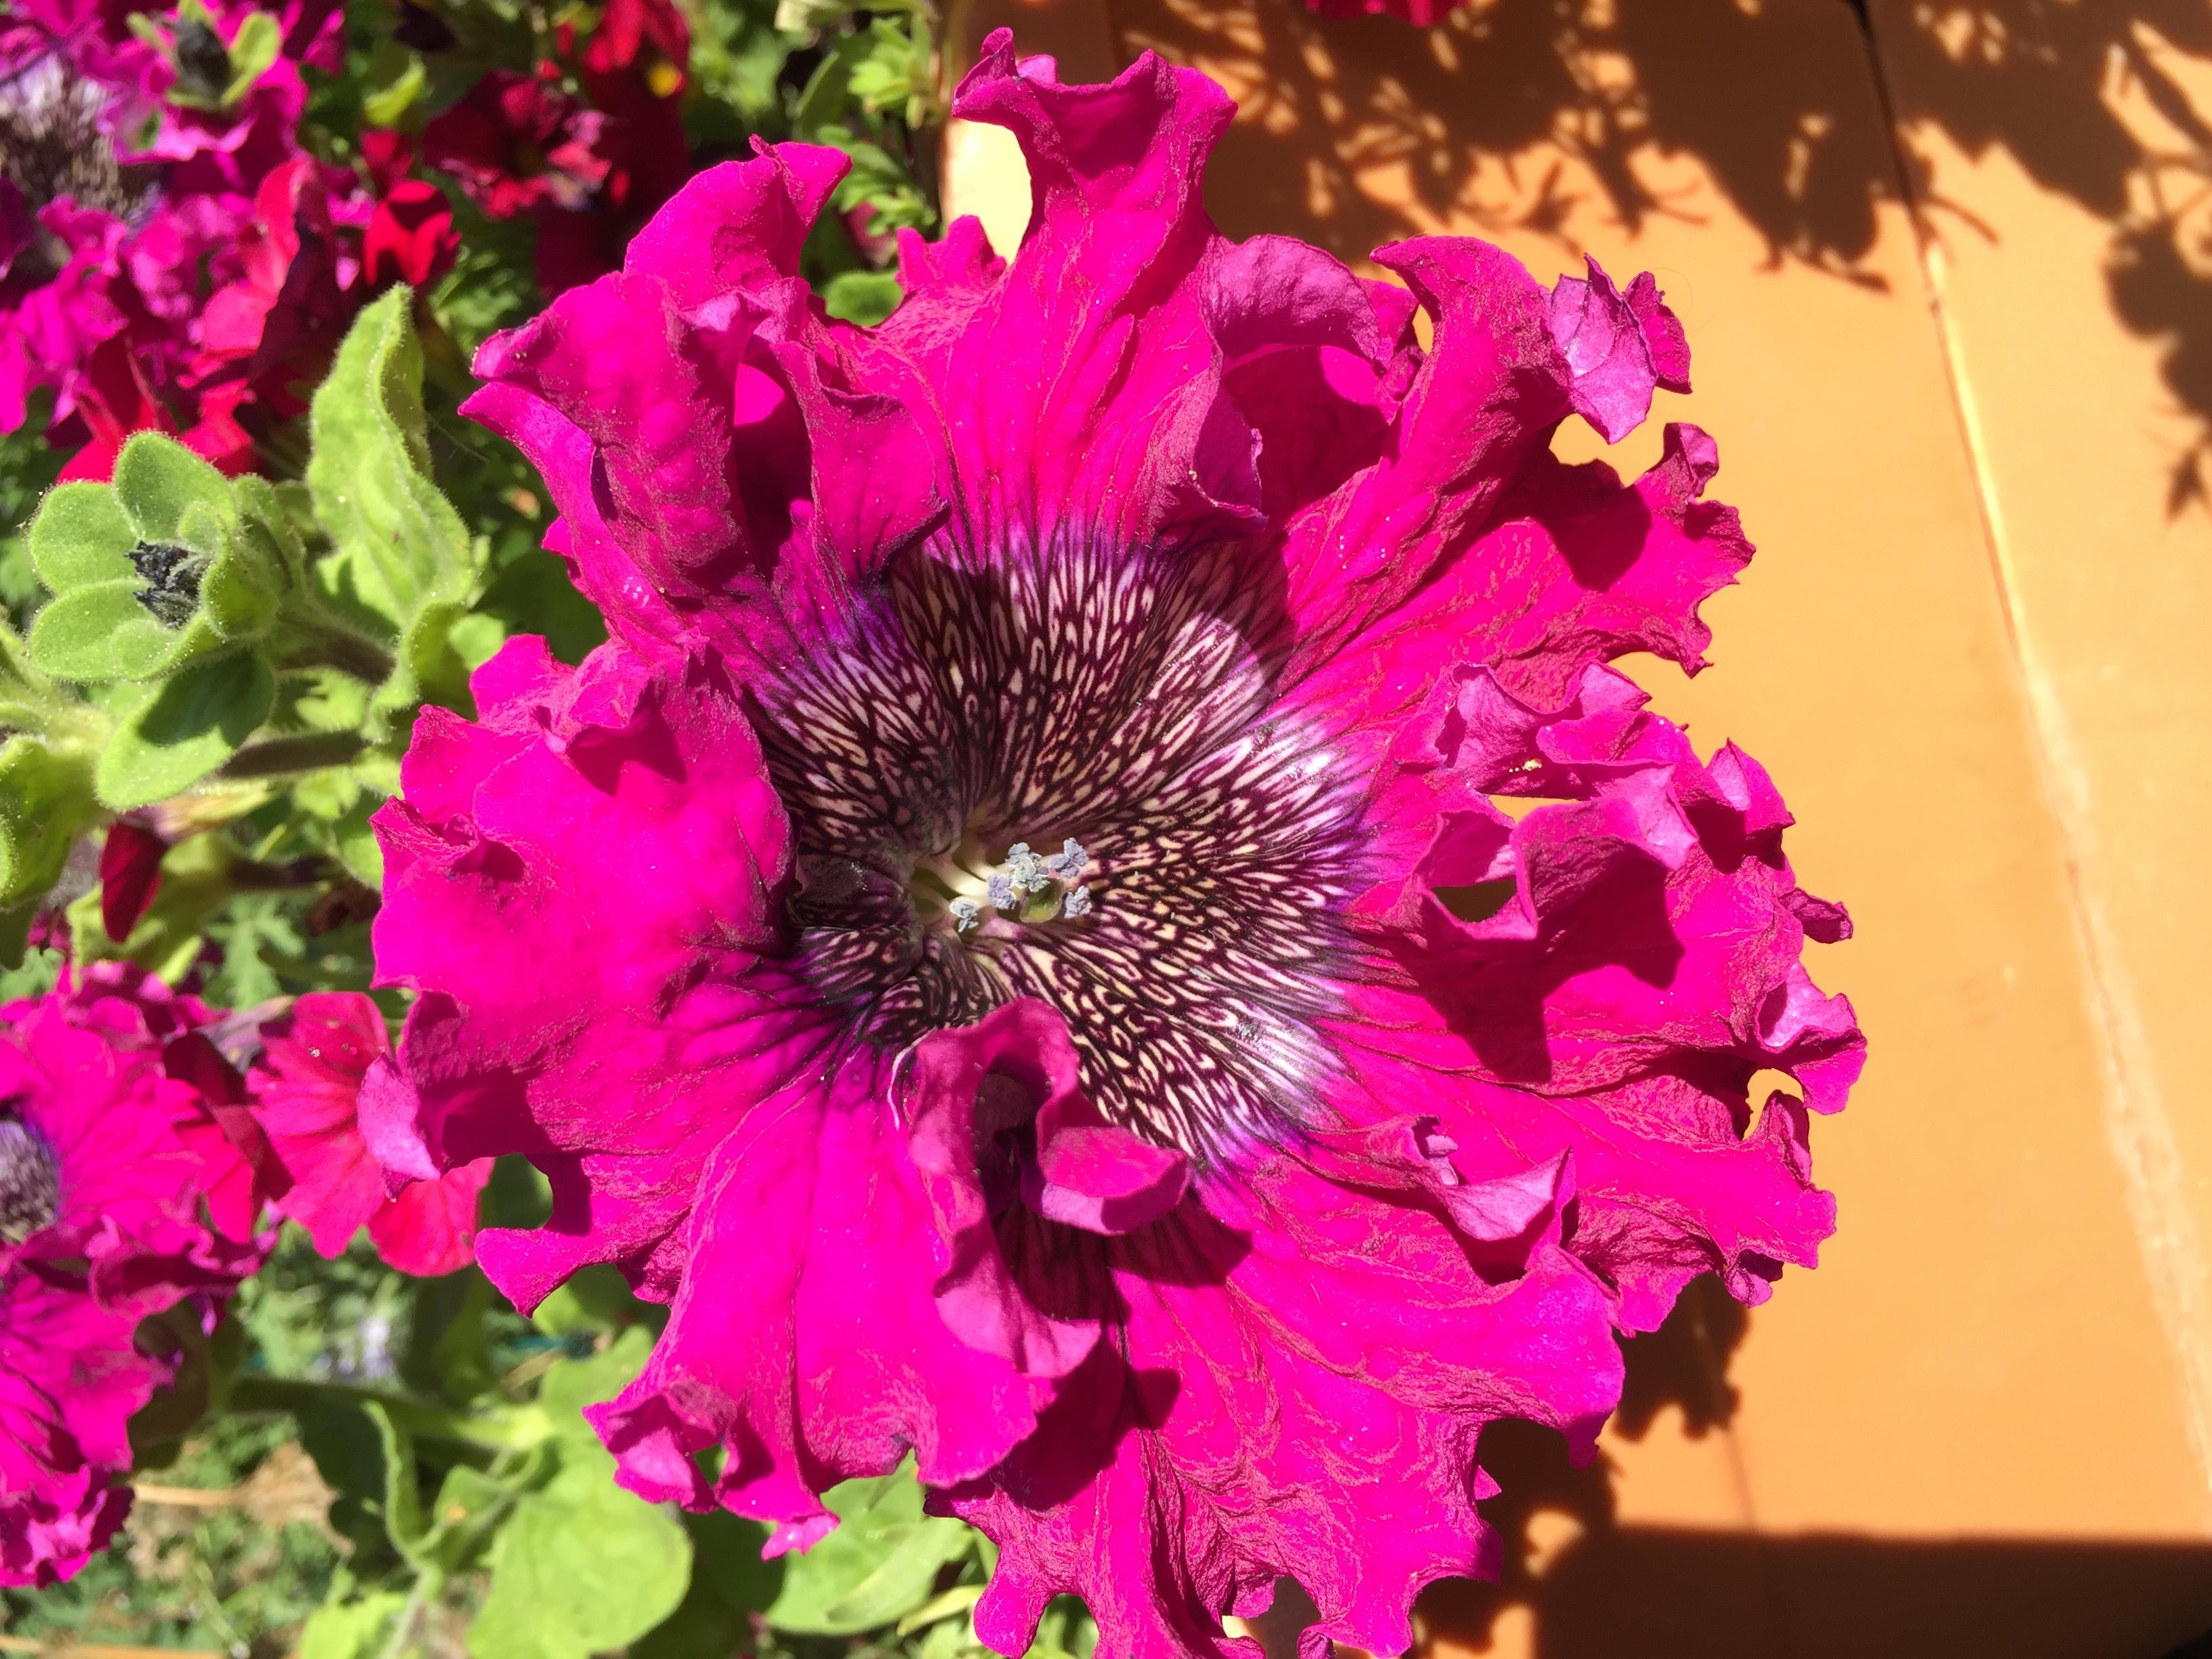 'Spellbound' petunia